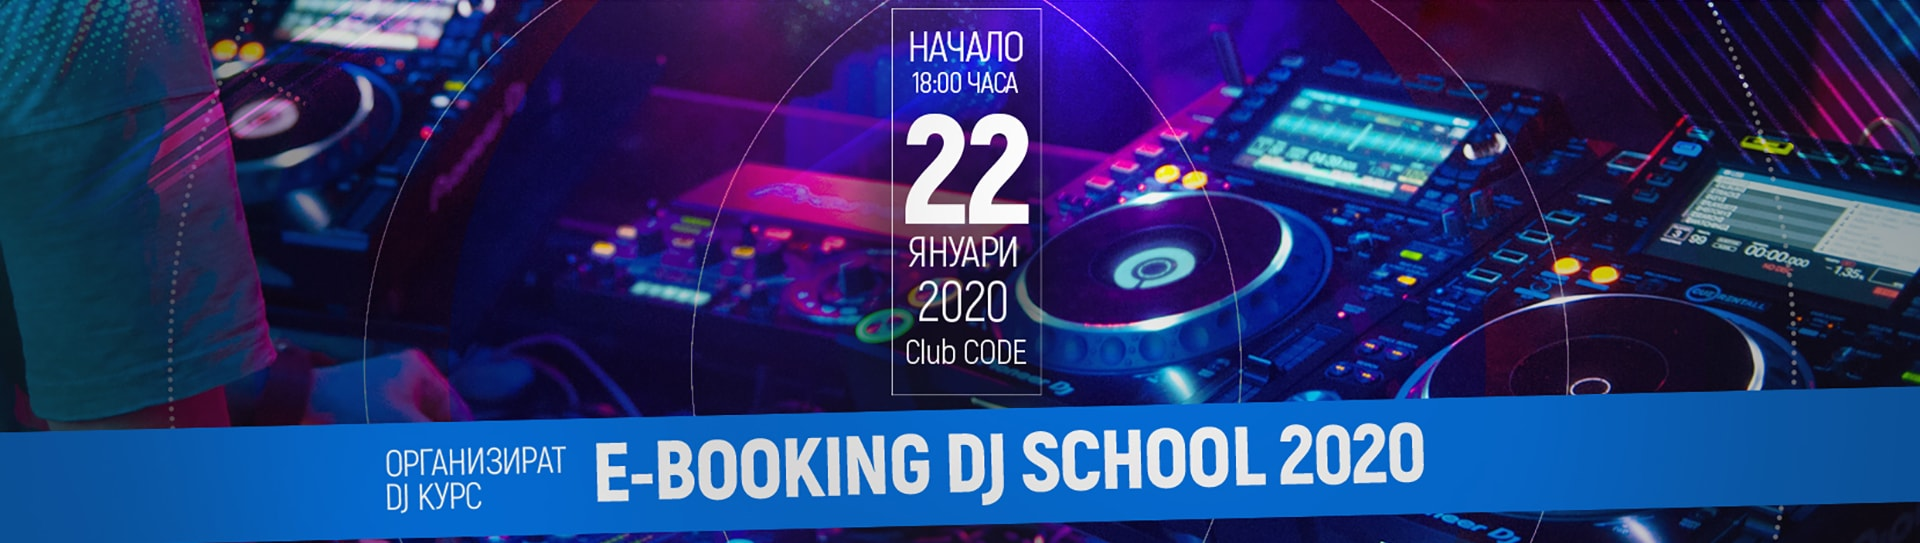 ebooking-dj-school-2020-cover